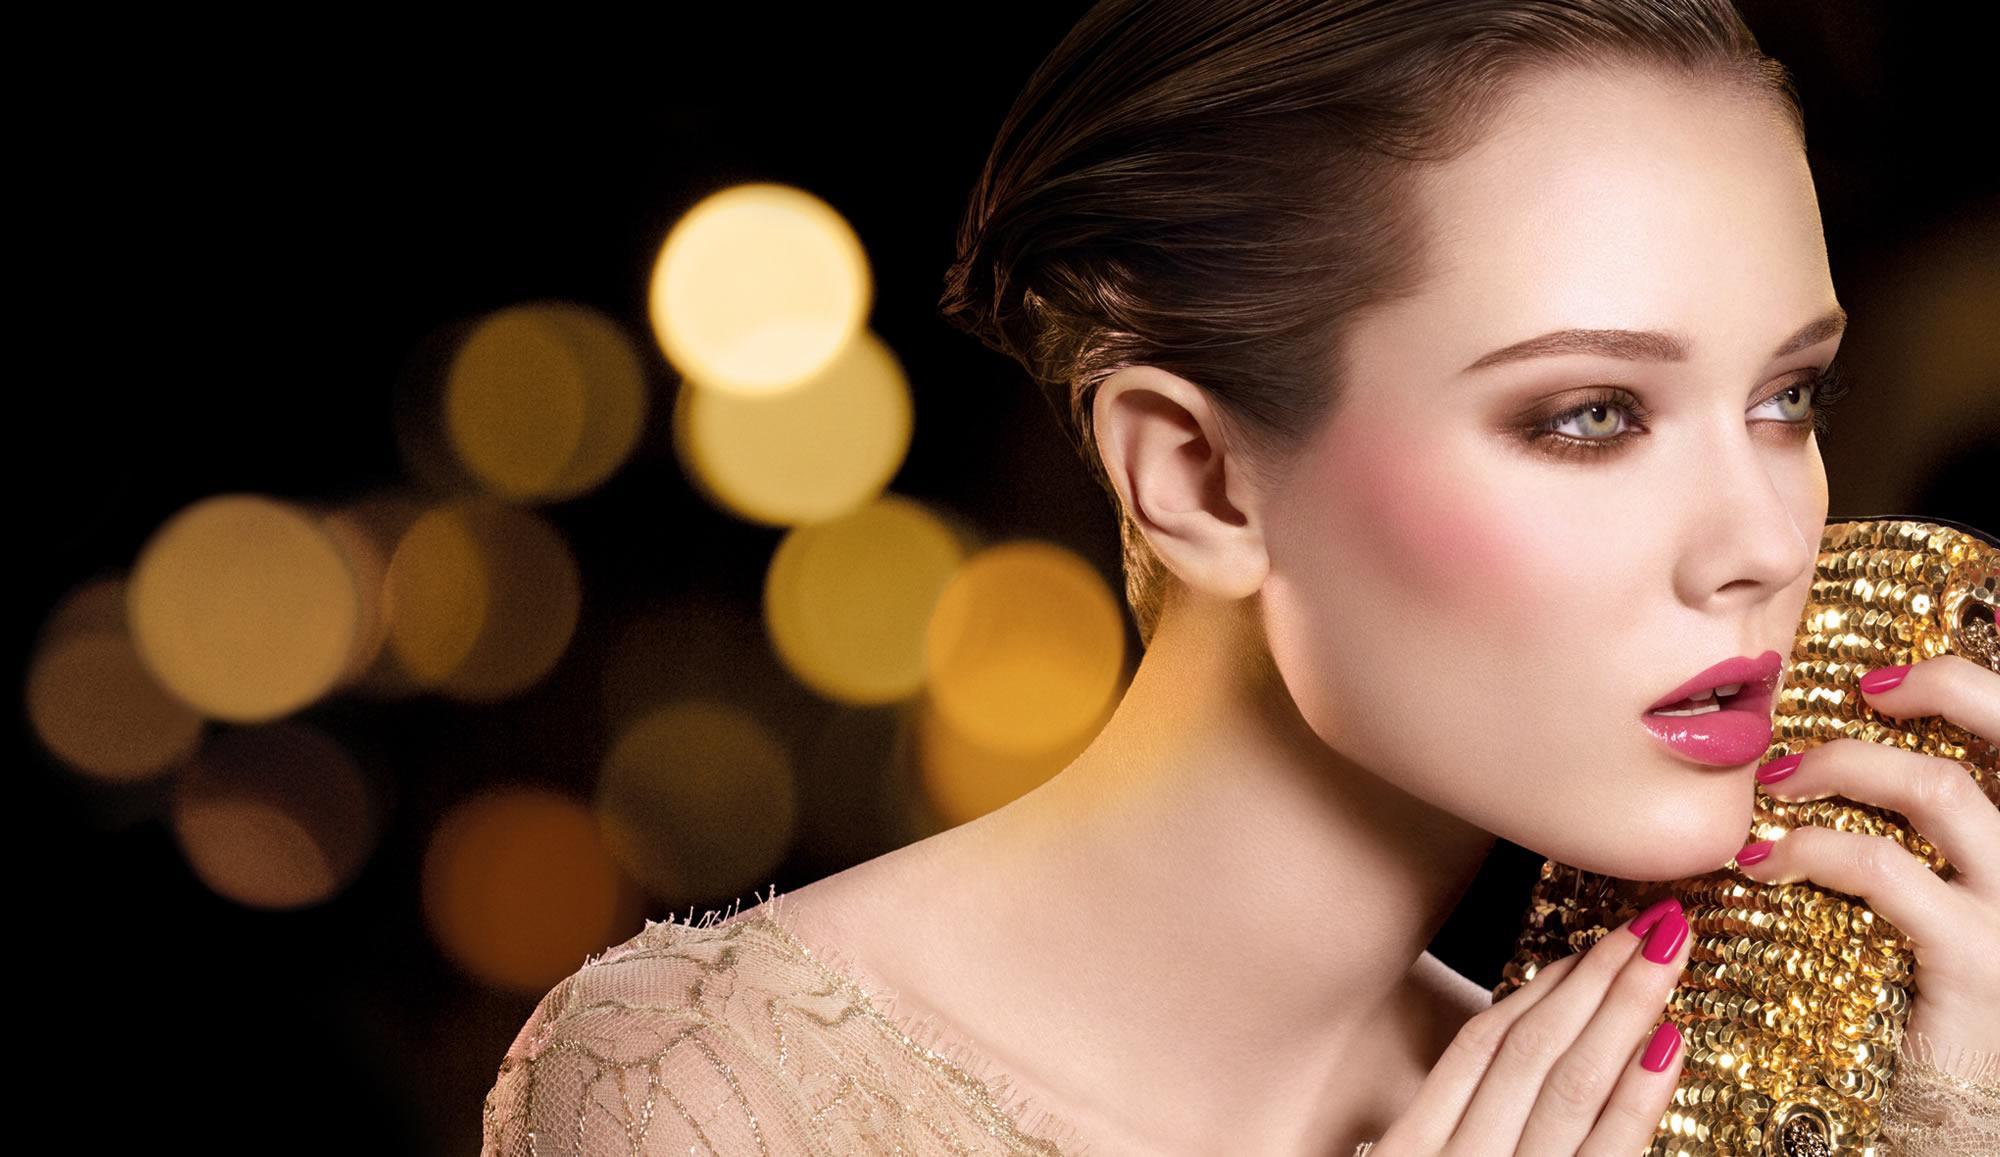 Seis consejos para maquillaje de noche